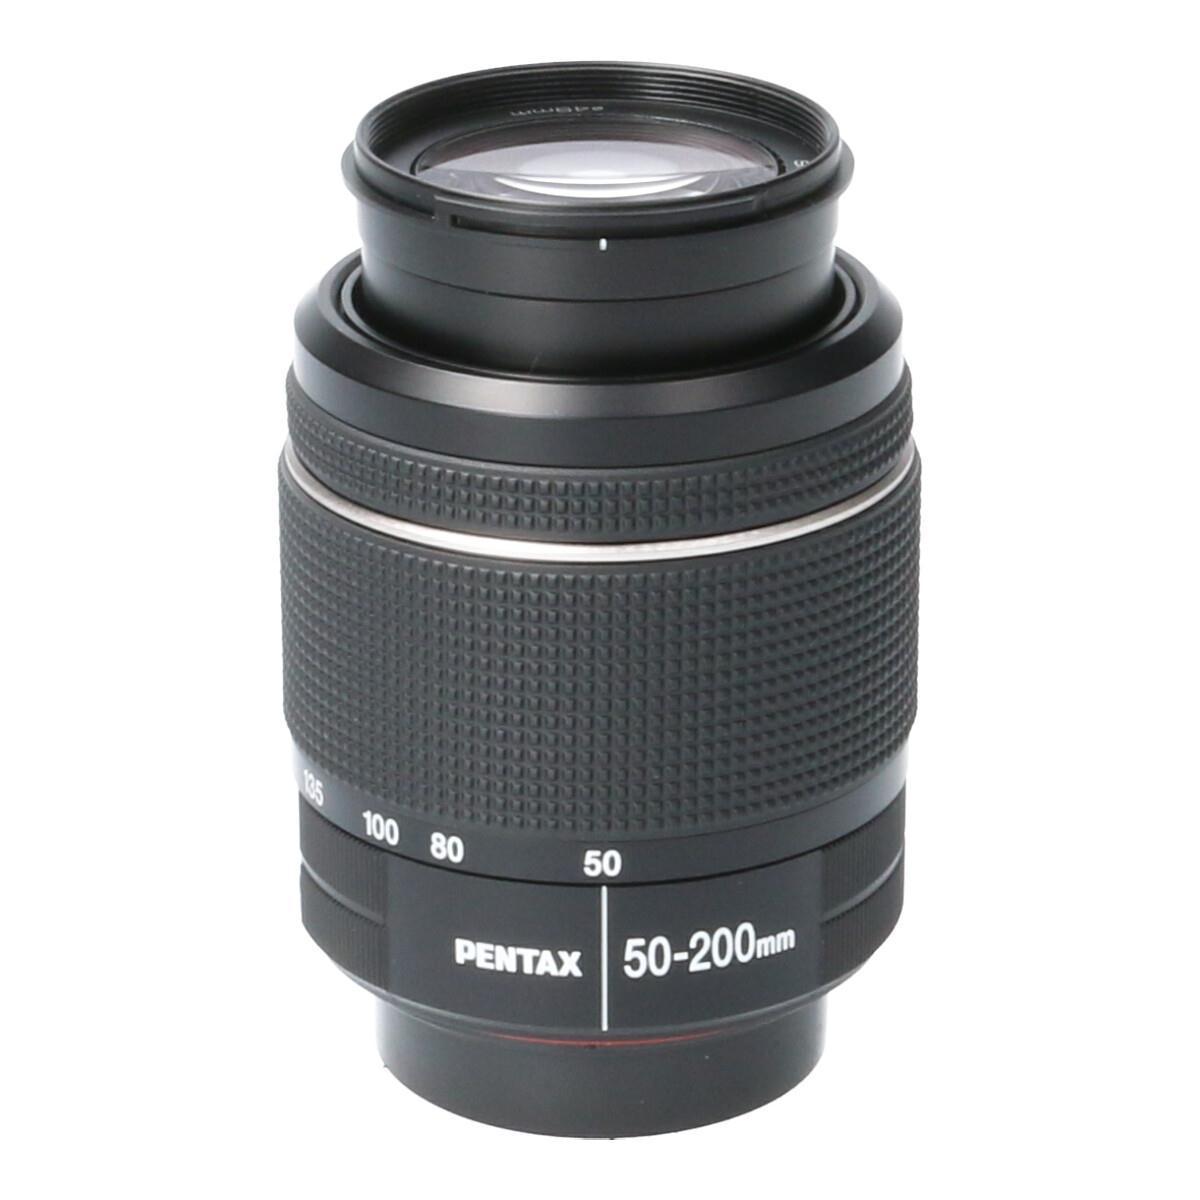 PENTAX DA50-200mm F4-5.6WR【中古】